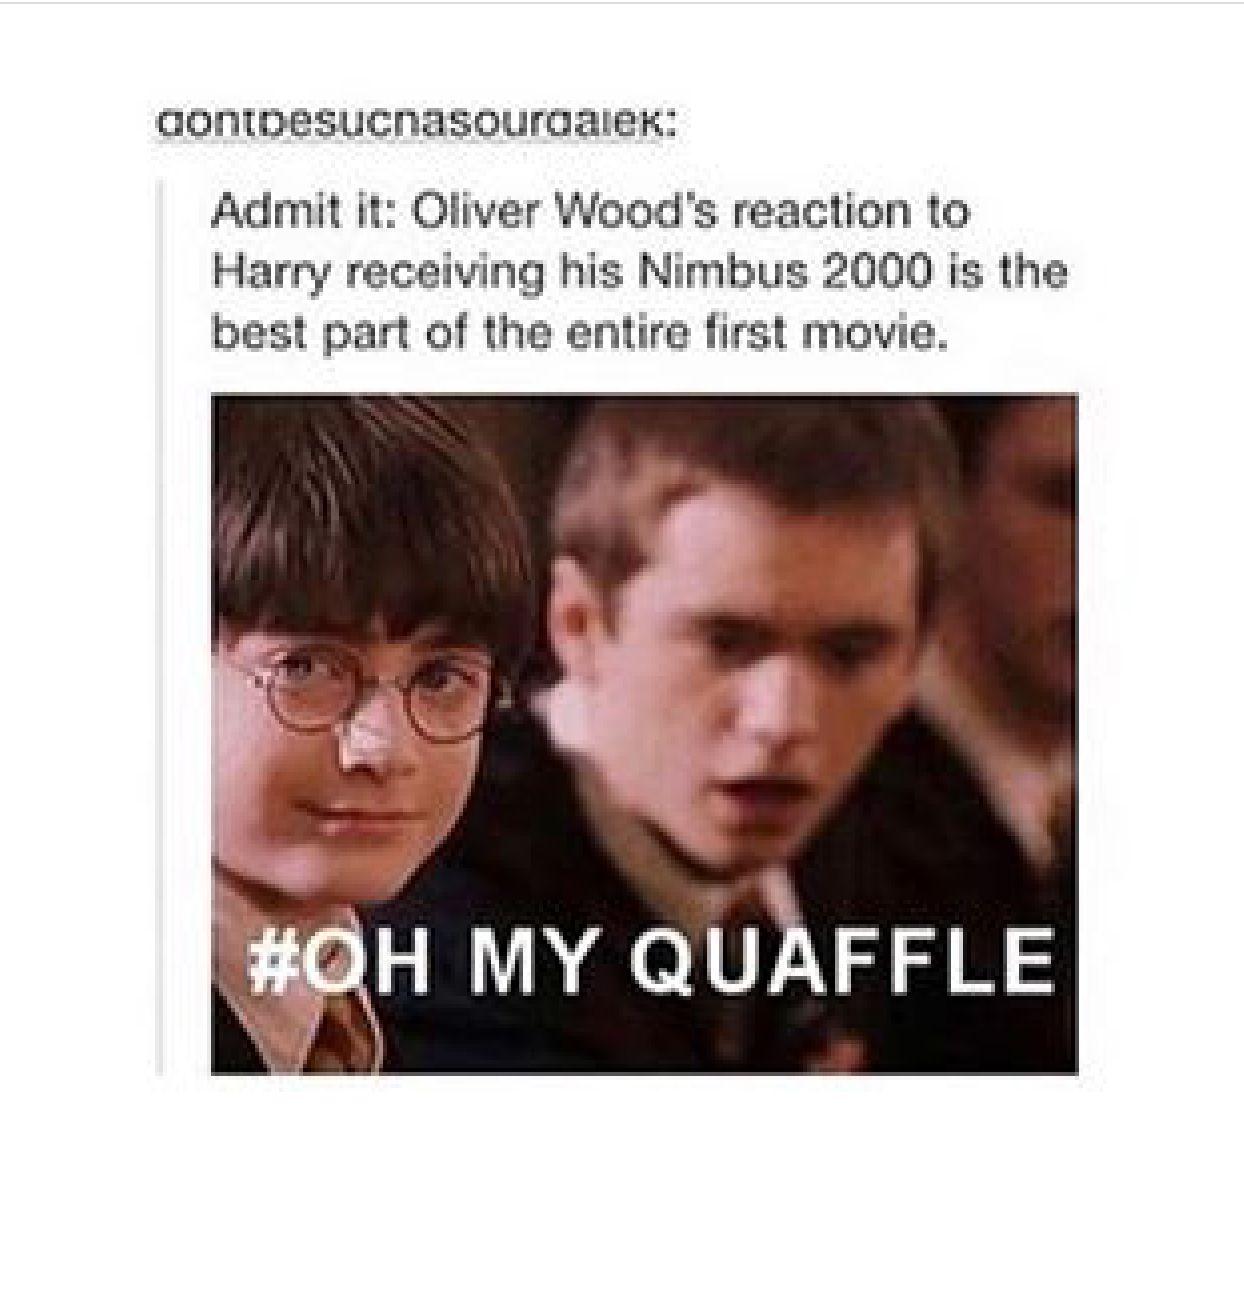 Pin By Emma On Harry Potter Harry Potter Memes Hilarious Harry Potter Memes Harry Potter Jokes